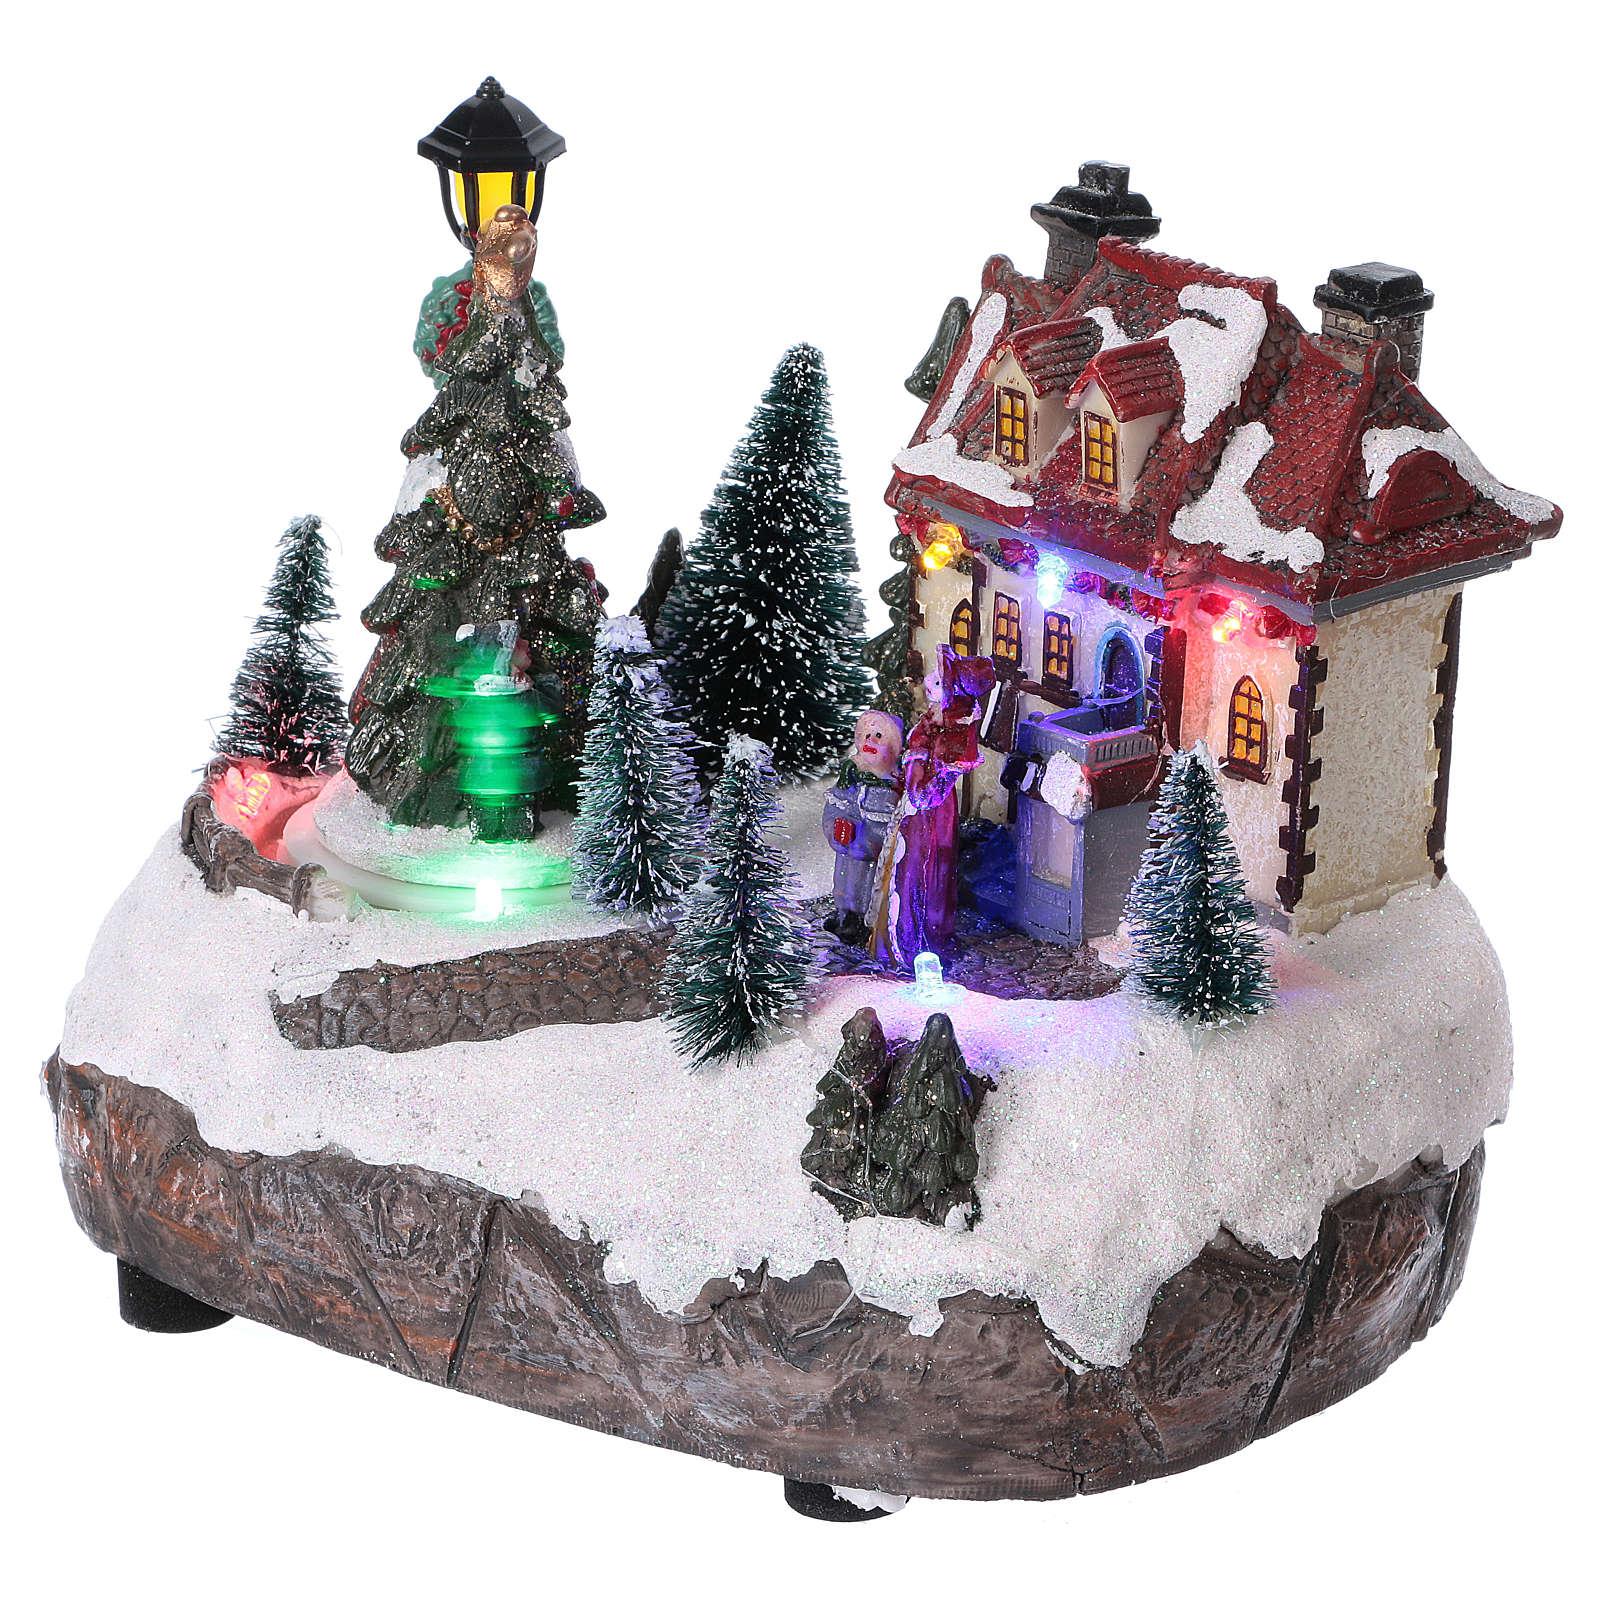 Village de Noël 15x20x10 cm avec sapin de Noël en mouvement piles 3